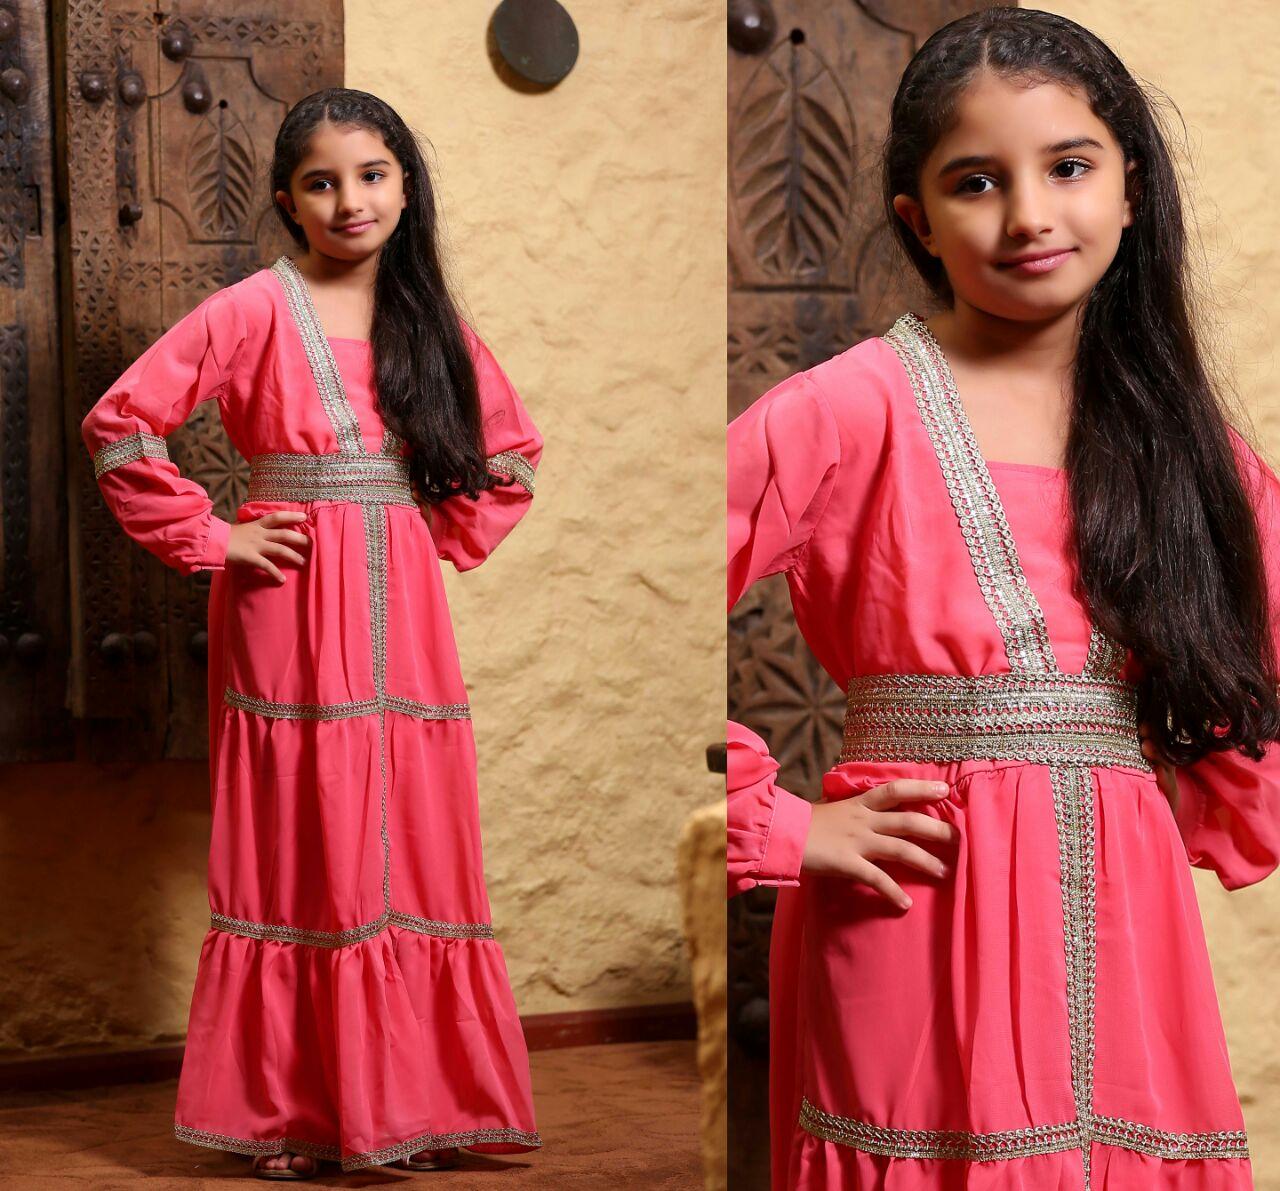 بالصور اجمل ازياء البنات , اروع فساتين للبنات الصغار 602 4